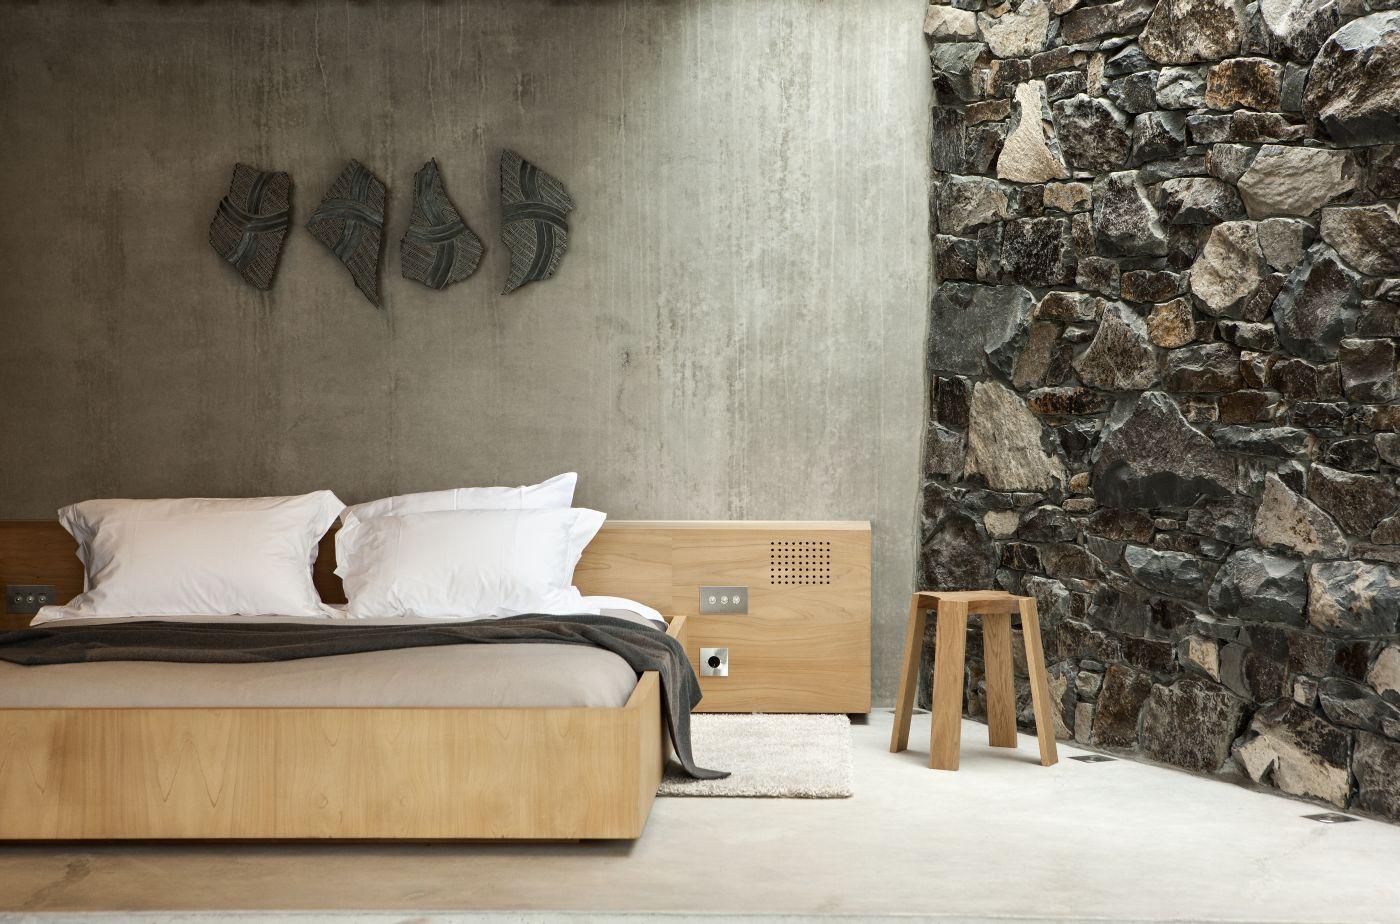 Detalla del dormitorio